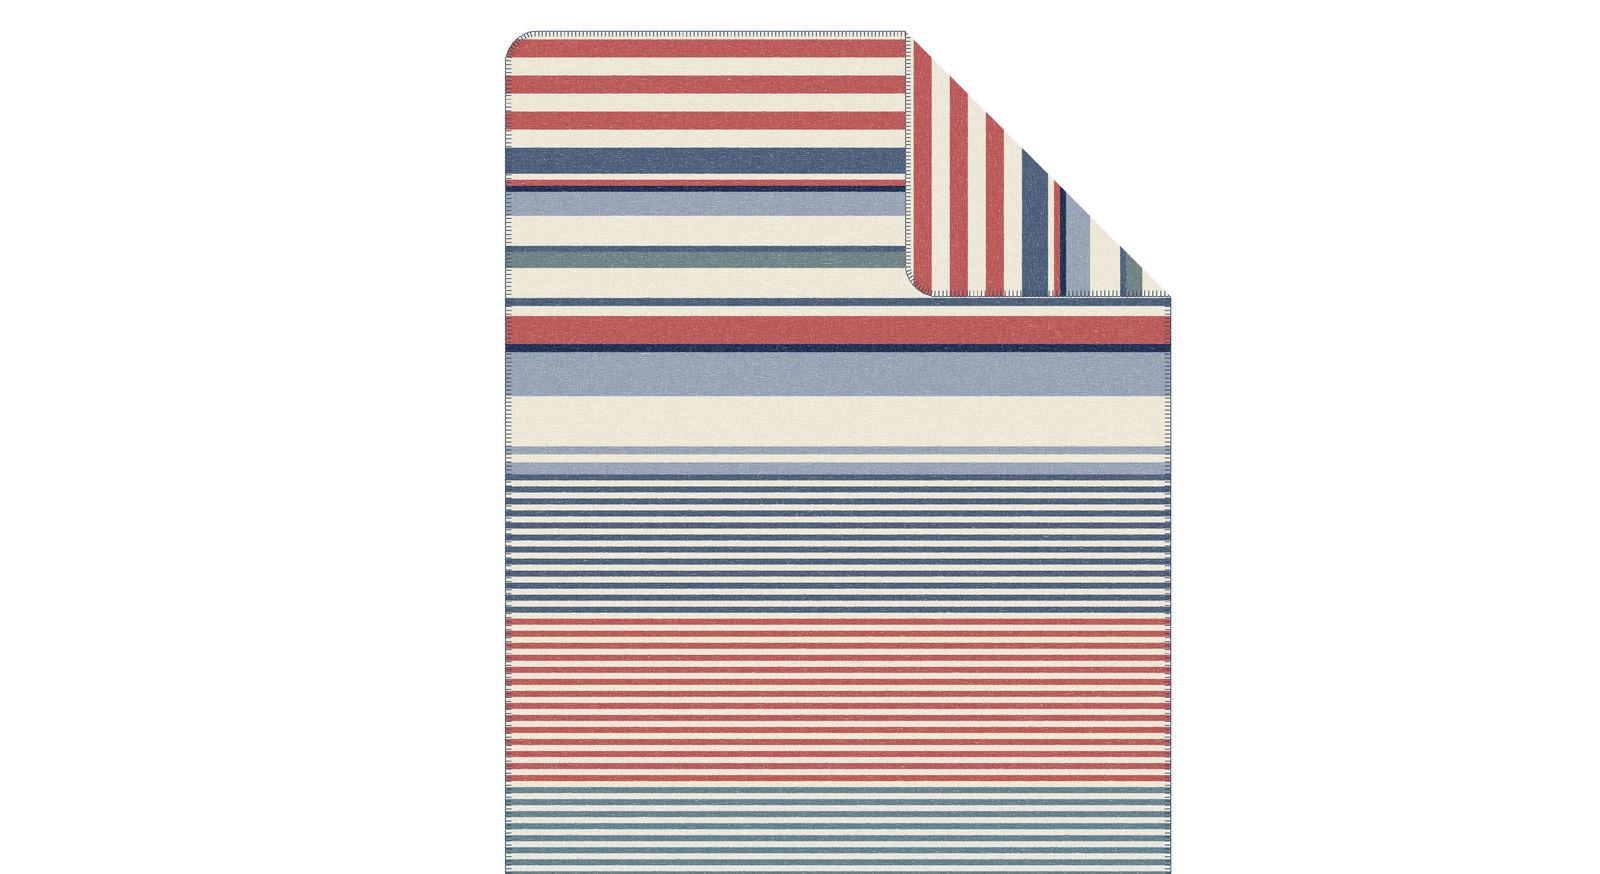 Kuscheldecke Streifen weiß-blau von s.Oliver mit geketteltem Zierstich